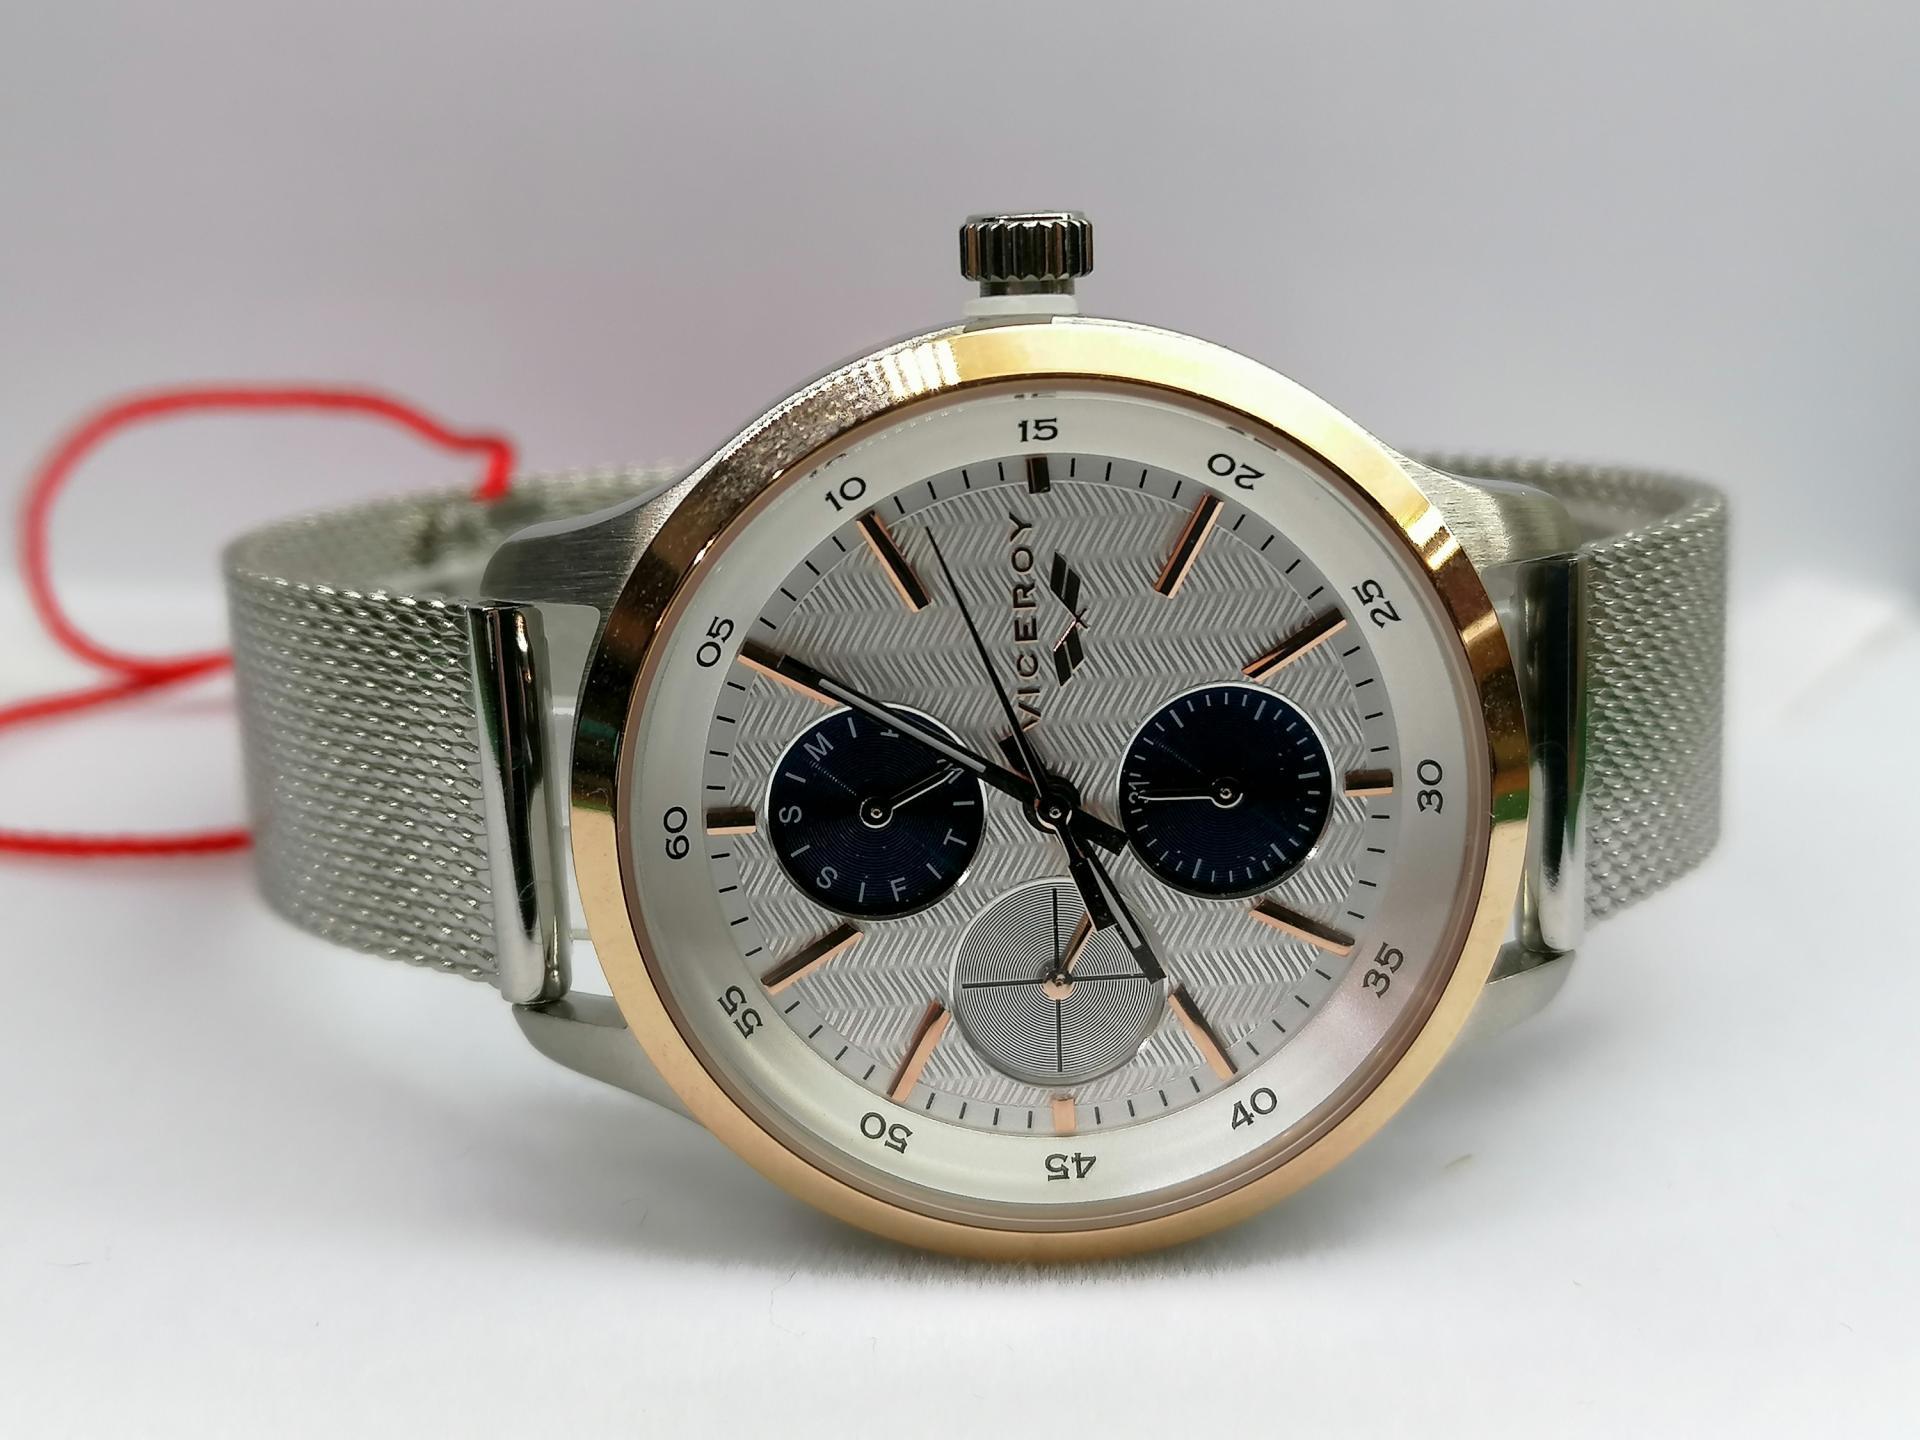 Reloj Viceroy Mujer Malla Milanesa Colección Antonio Banderas 471168-07